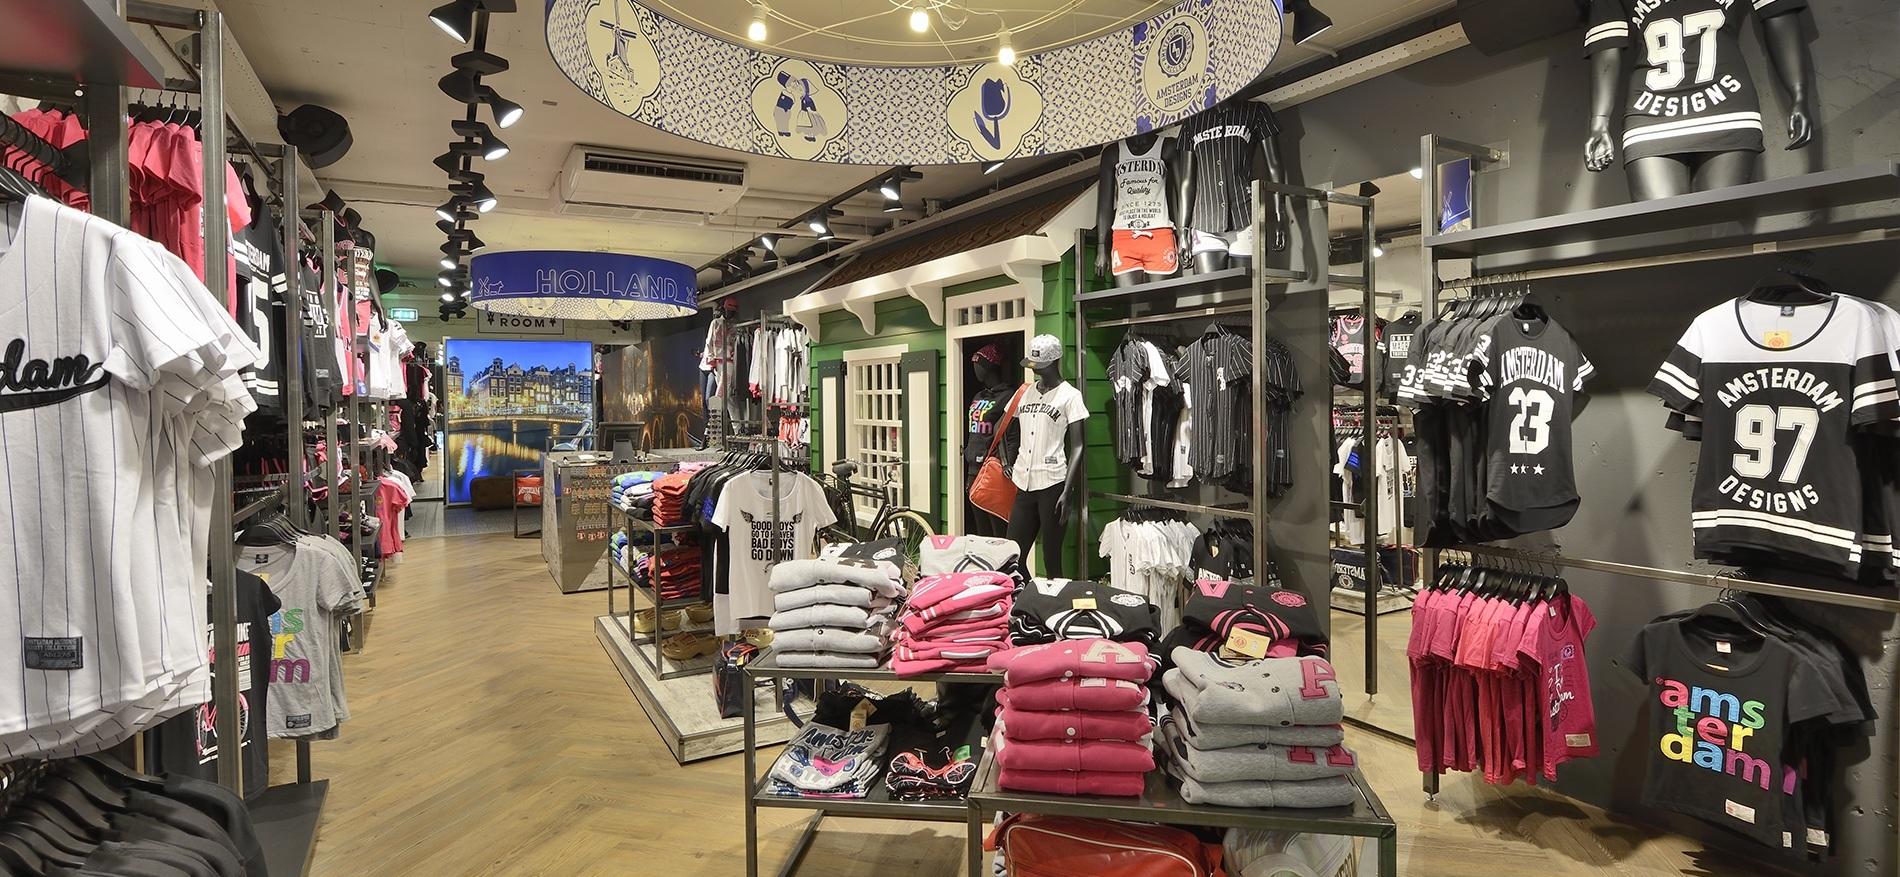 Persbericht winkelinrichting kledingwinkel  u0026gt; u0026gt; Beleving 3 0 bij Amsterdam Design door WSB